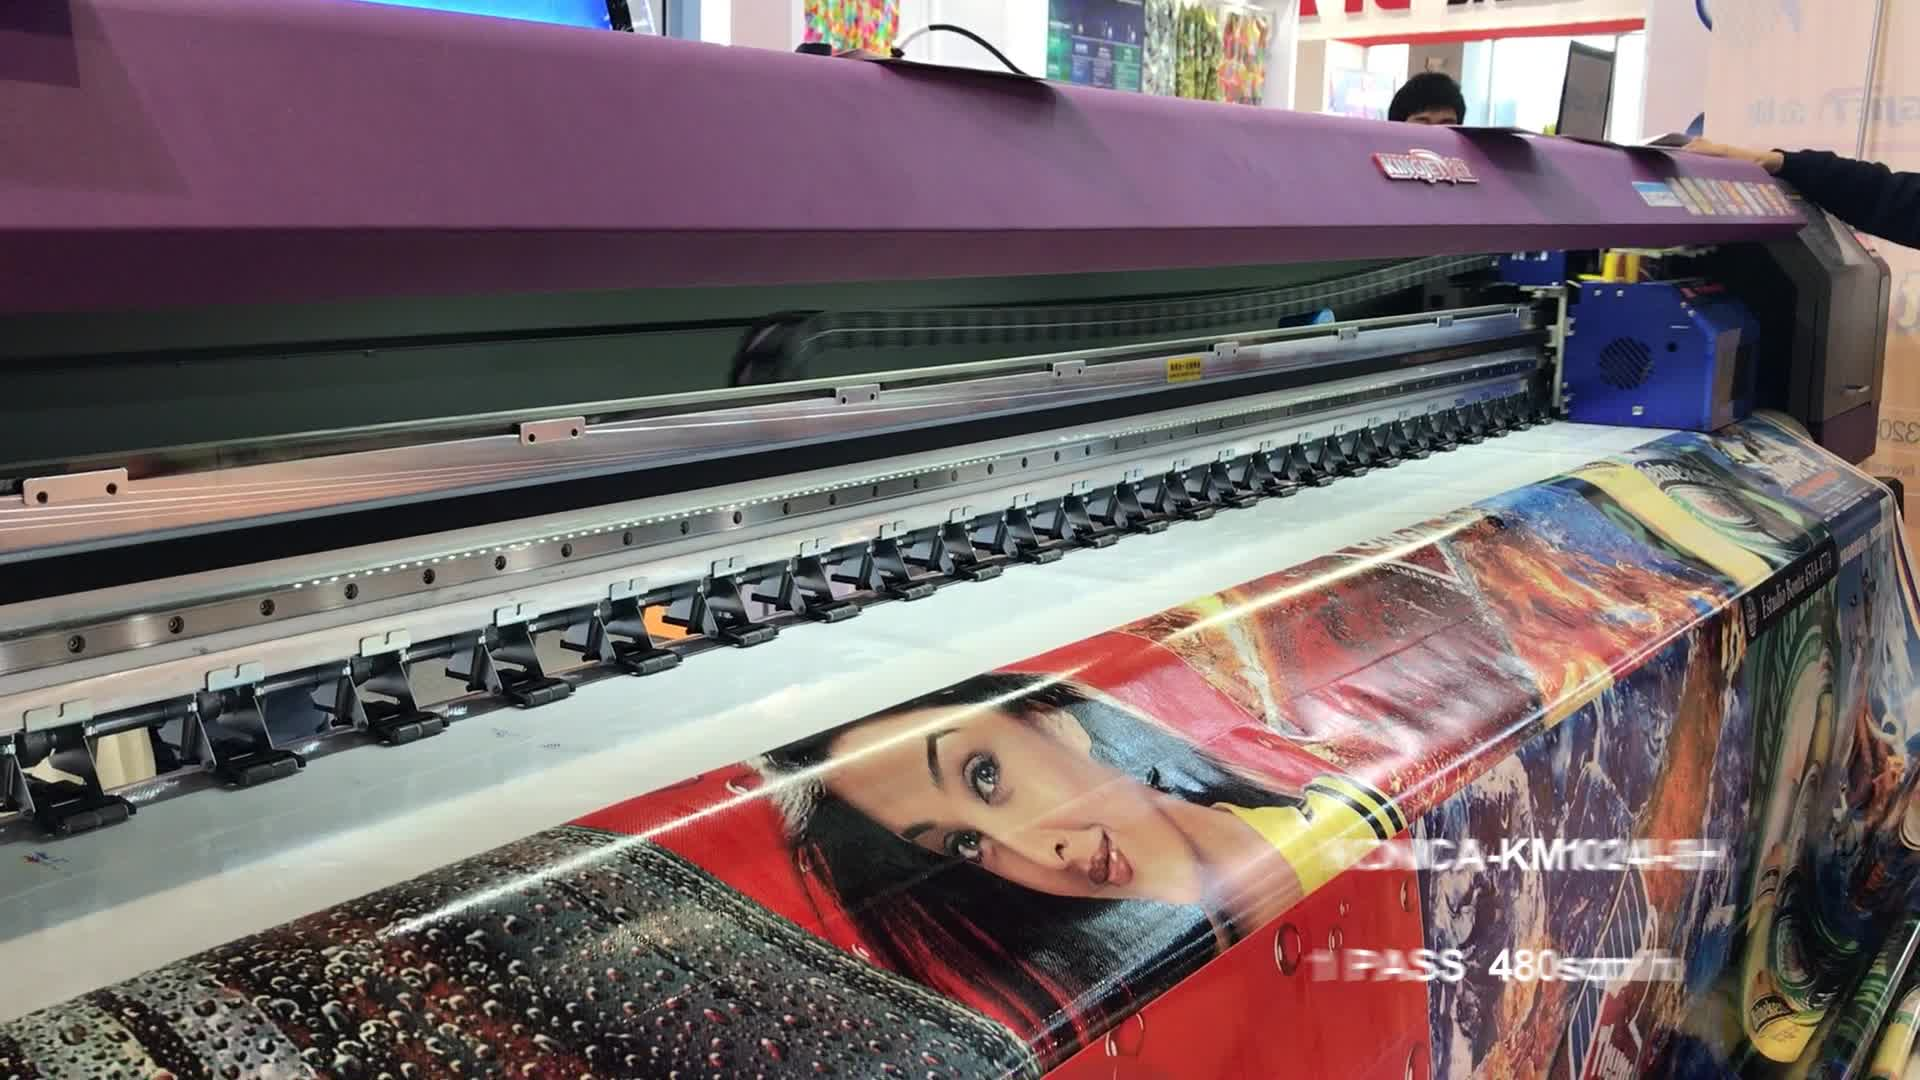 KingJet 3,2 mt ganzen verkauf farbe poster kunststoffabdeckung teppich tuch flachs digital leder druckmaschine